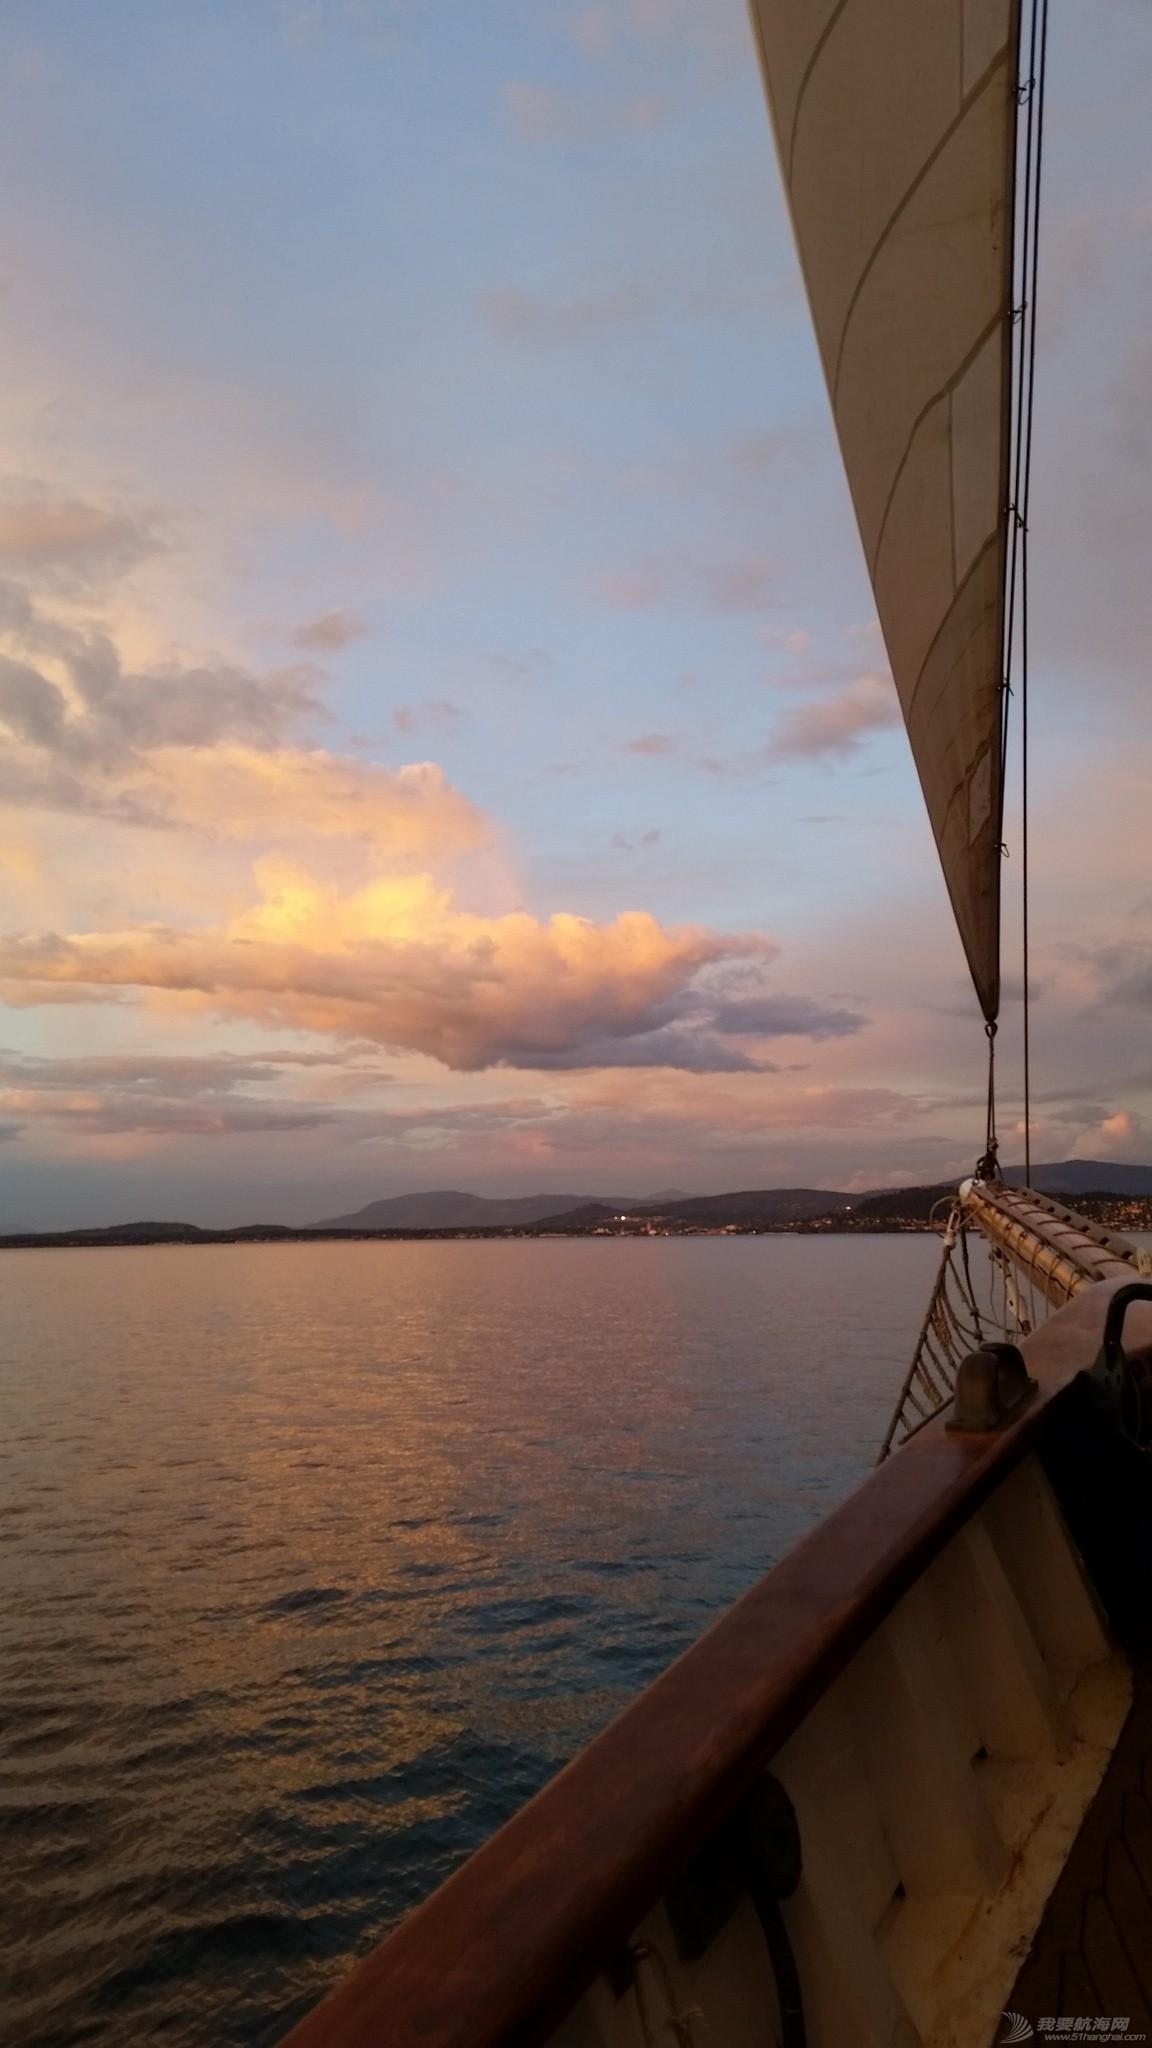 美国,传奇,帆船,世纪,中文翻译 2017美国圣胡安探险《极致玩帆》系列之一-海峡追风+世纪传奇大型古典帆船[西雅图] 064918p6zx2cxwylq6966a.jpg